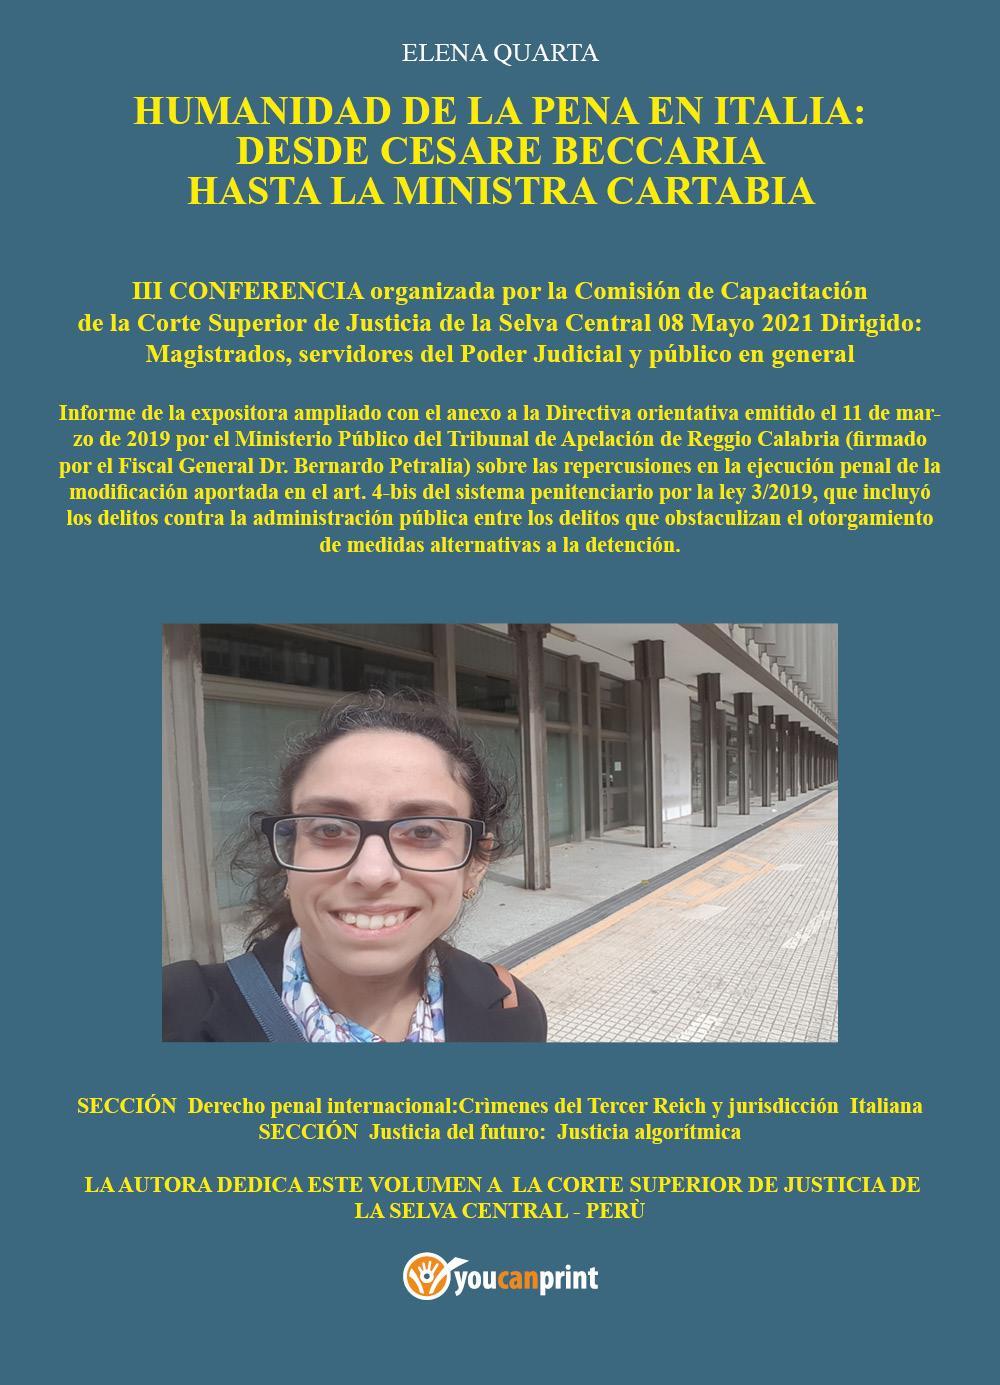 Humanidad de la pena en Italia: desde Cesare Beccaria hasta la Ministra Cartabia